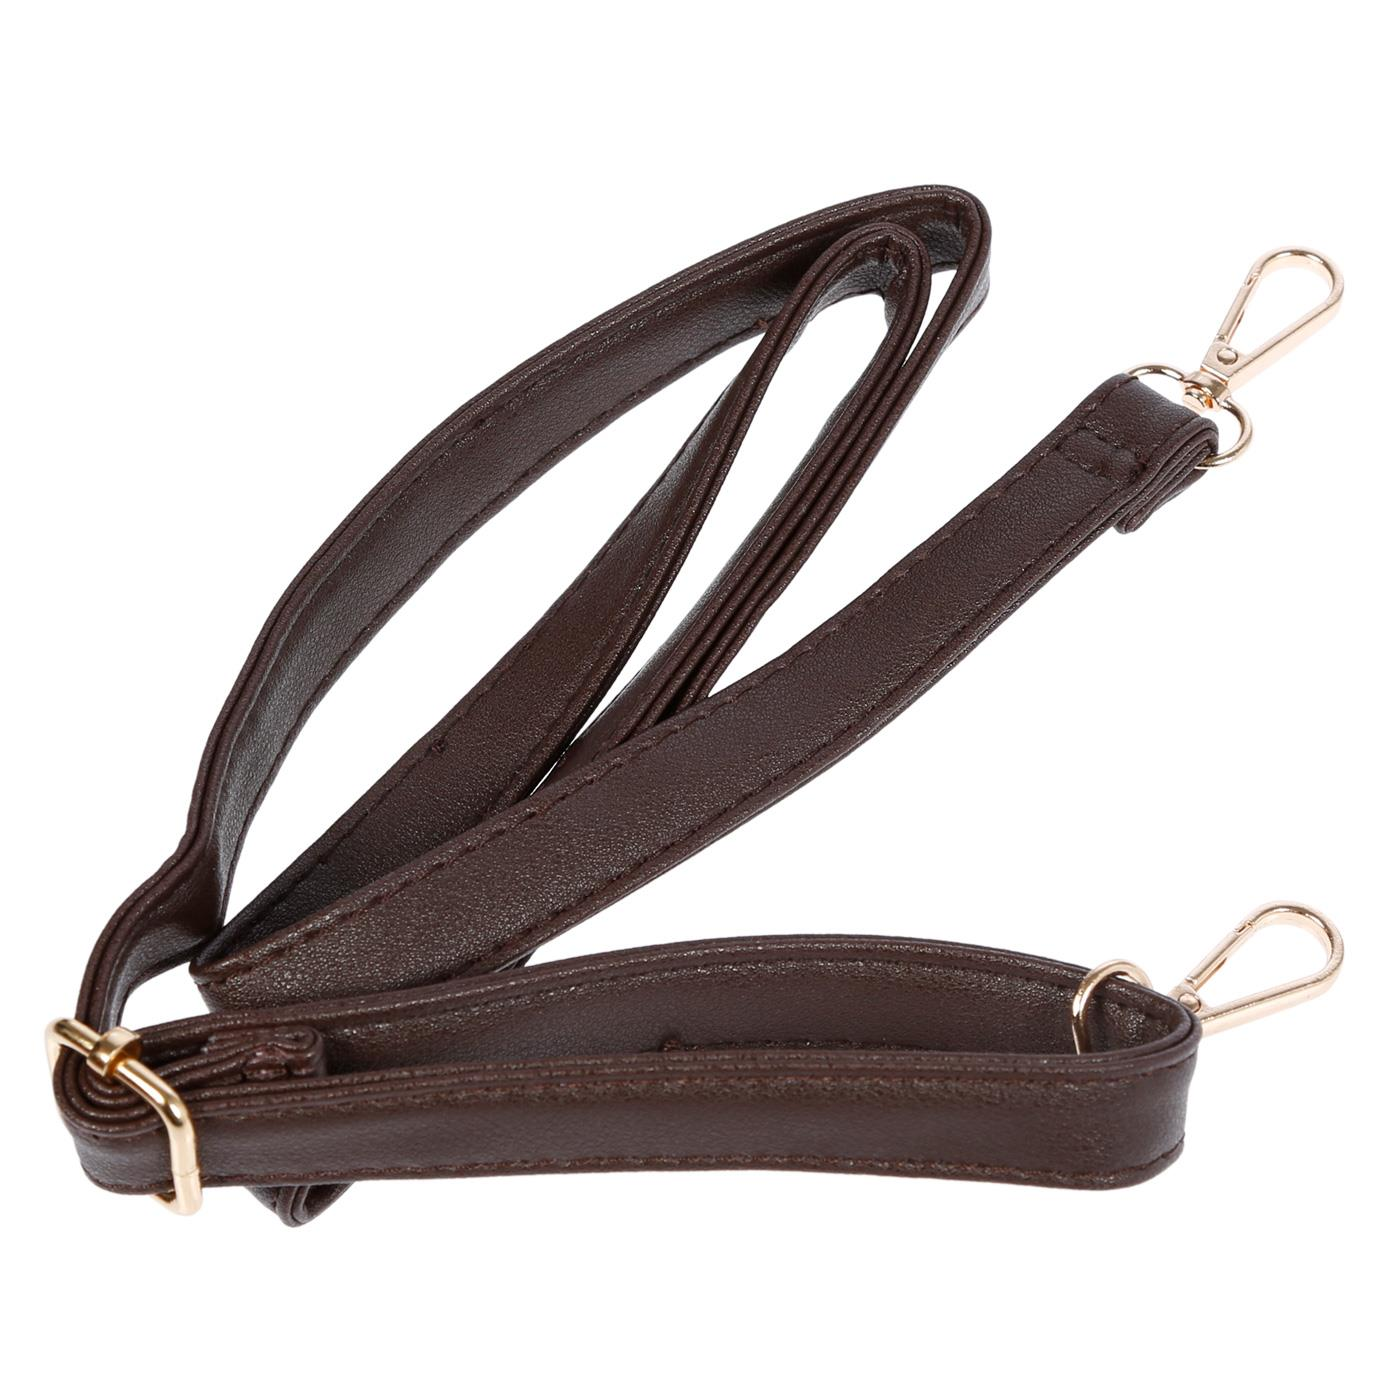 Kossberg-Damen-Tasche-Henkeltasche-Schultertasche-Umhaengetasche-Leder-Optik-Bag Indexbild 45